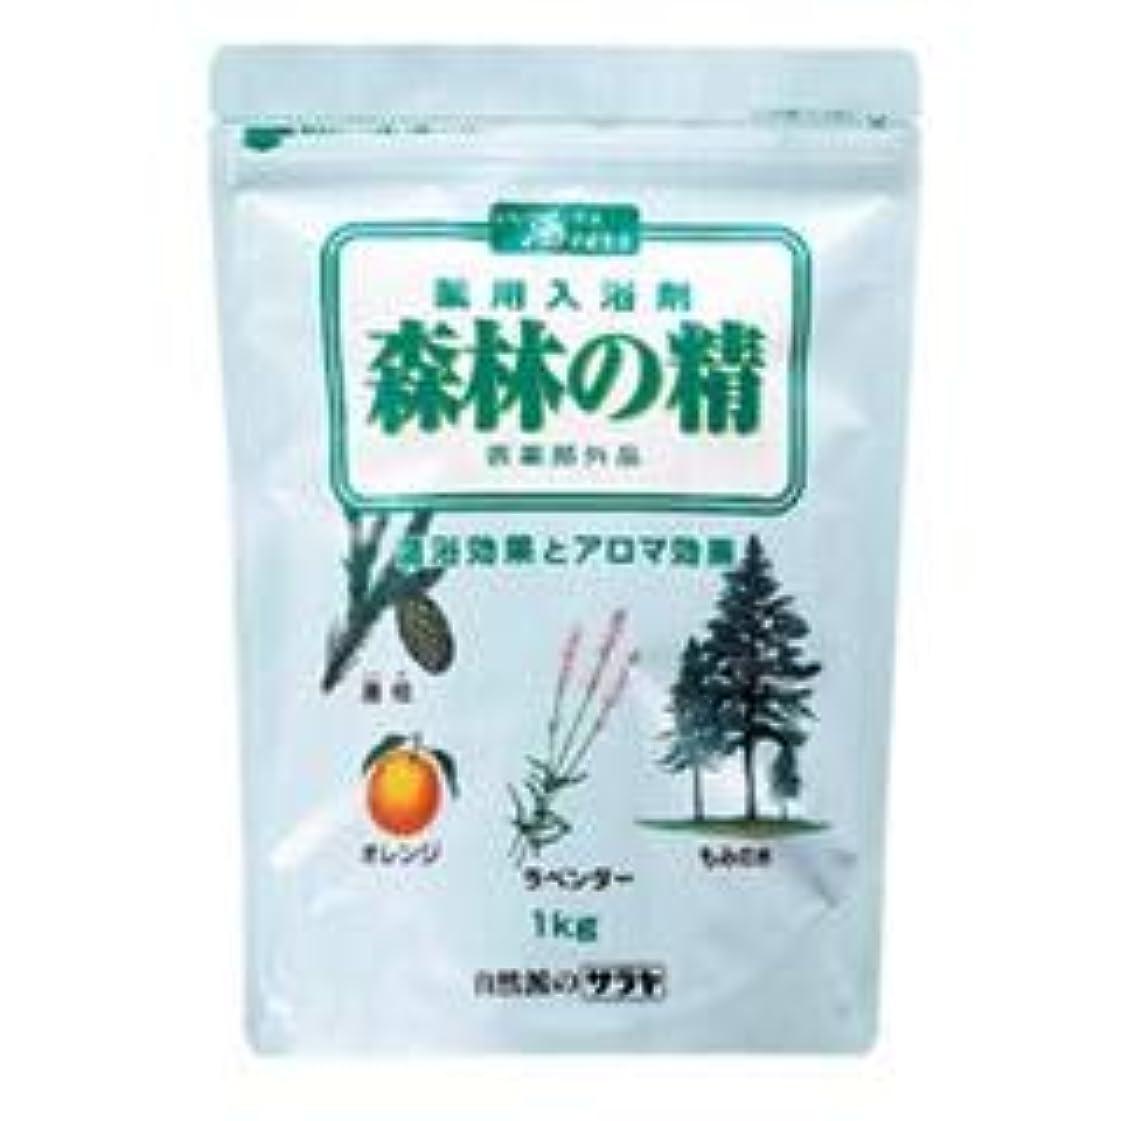 外側割り込みニッケルサラヤ 薬用入浴剤 森林の精 チャック付 1kg